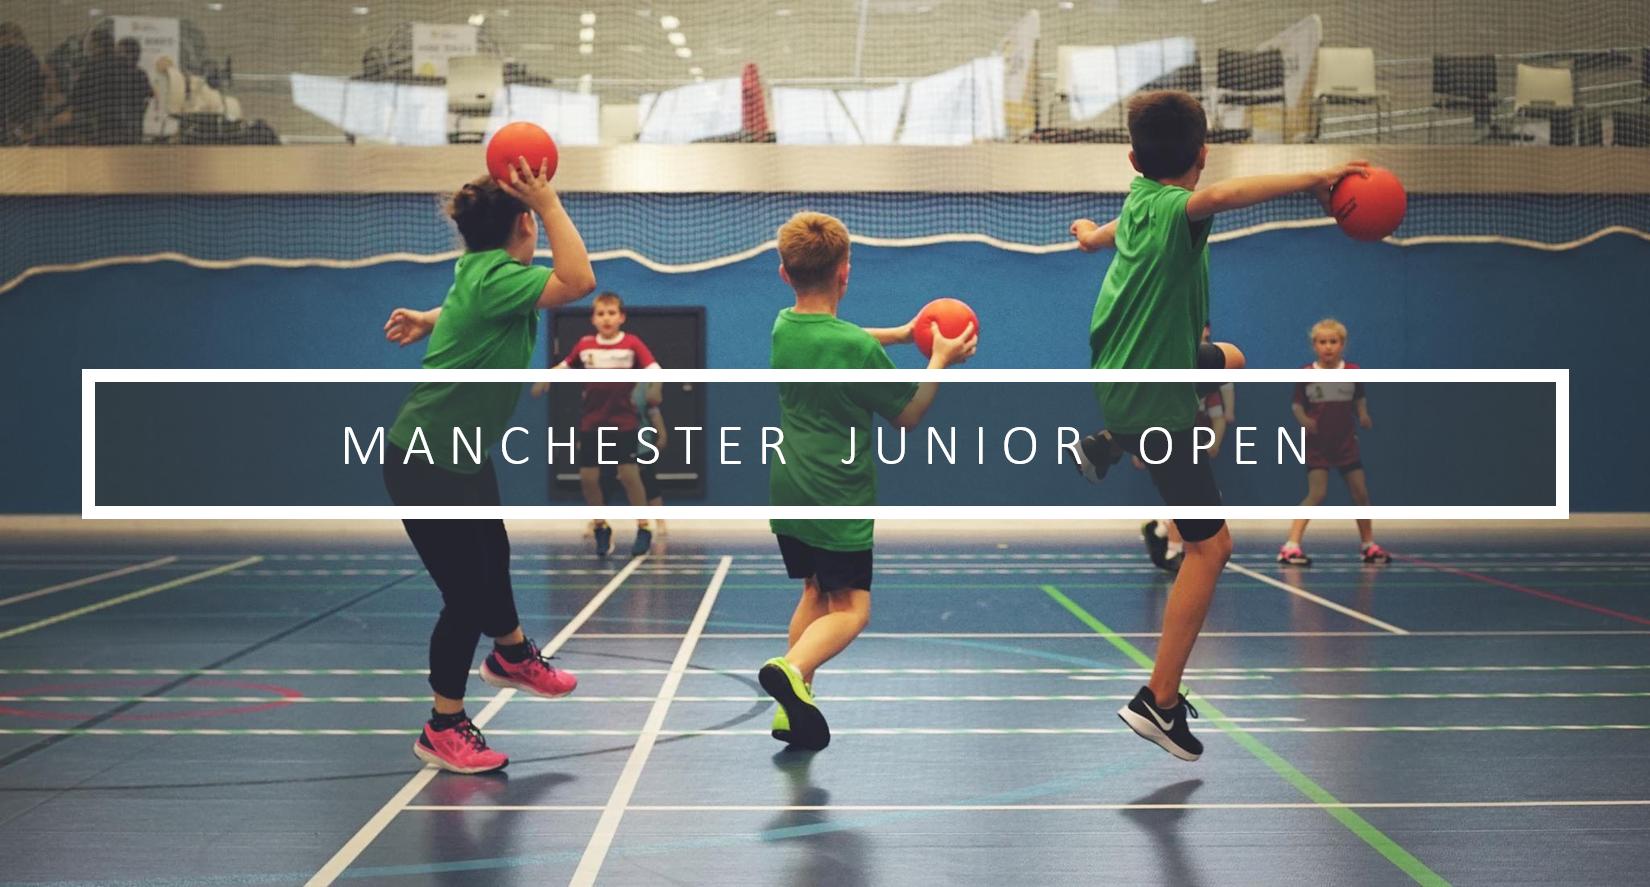 Manchester Junior Open